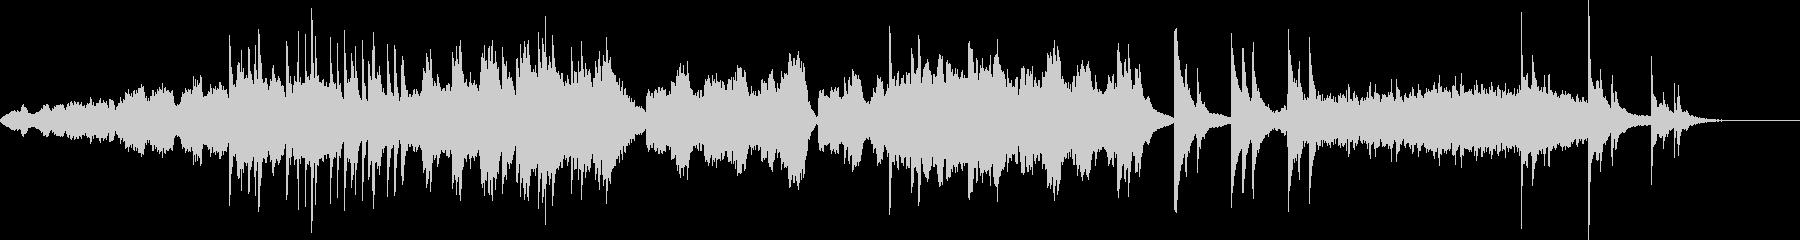 現代の交響曲 ロマンチック ラブ ...の未再生の波形